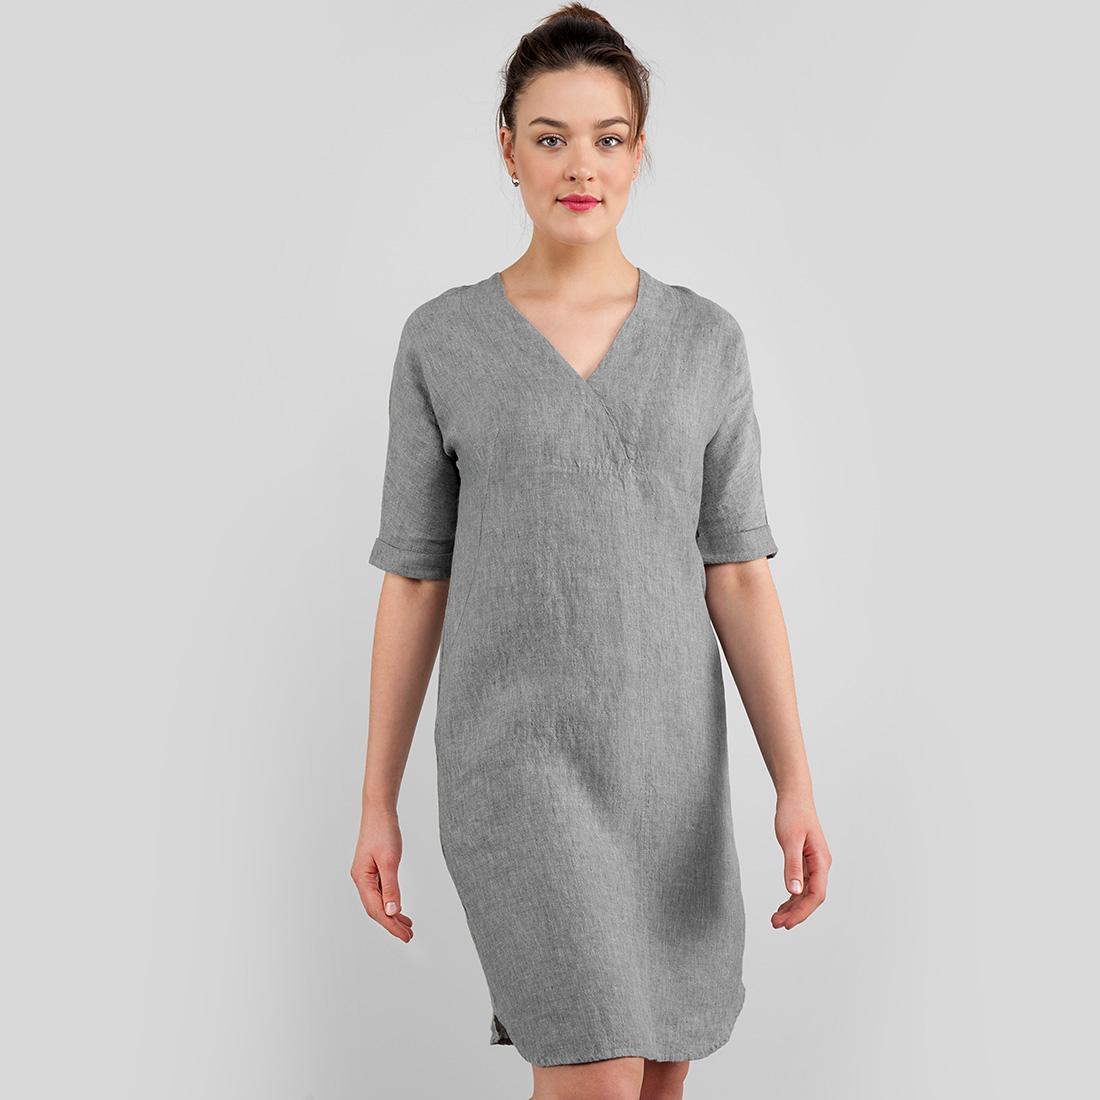 Pilka lininė suknelė iš minkšto skalbto audinio. Gamintojas - AB